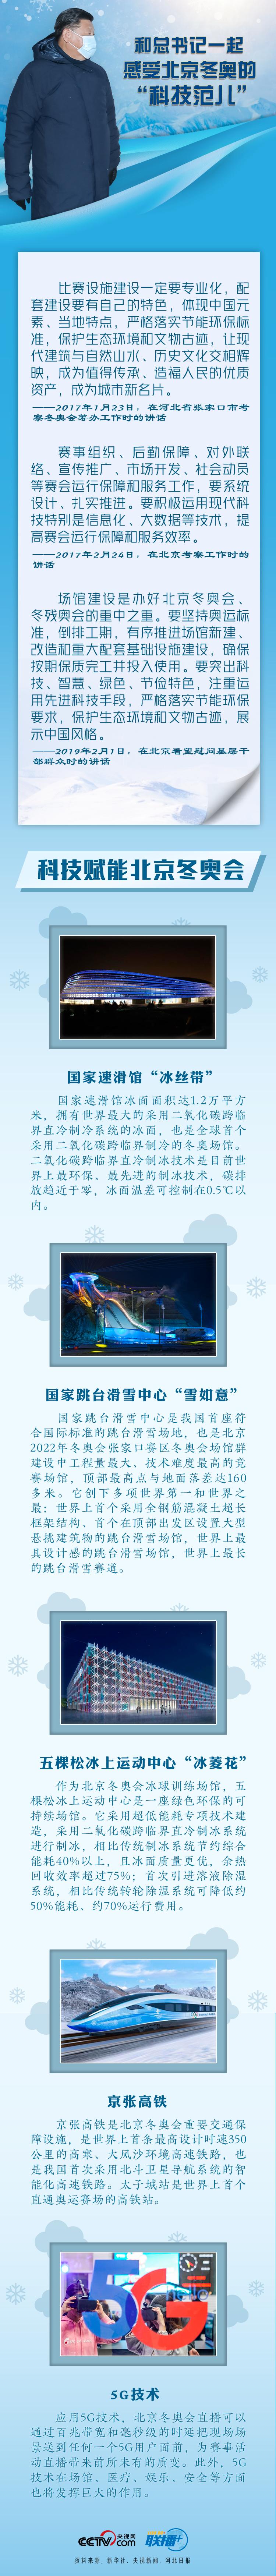 """《【华宇在线登录注册】联播+丨快来!和总书记一起感受北京冬奥的""""科技范儿""""》"""